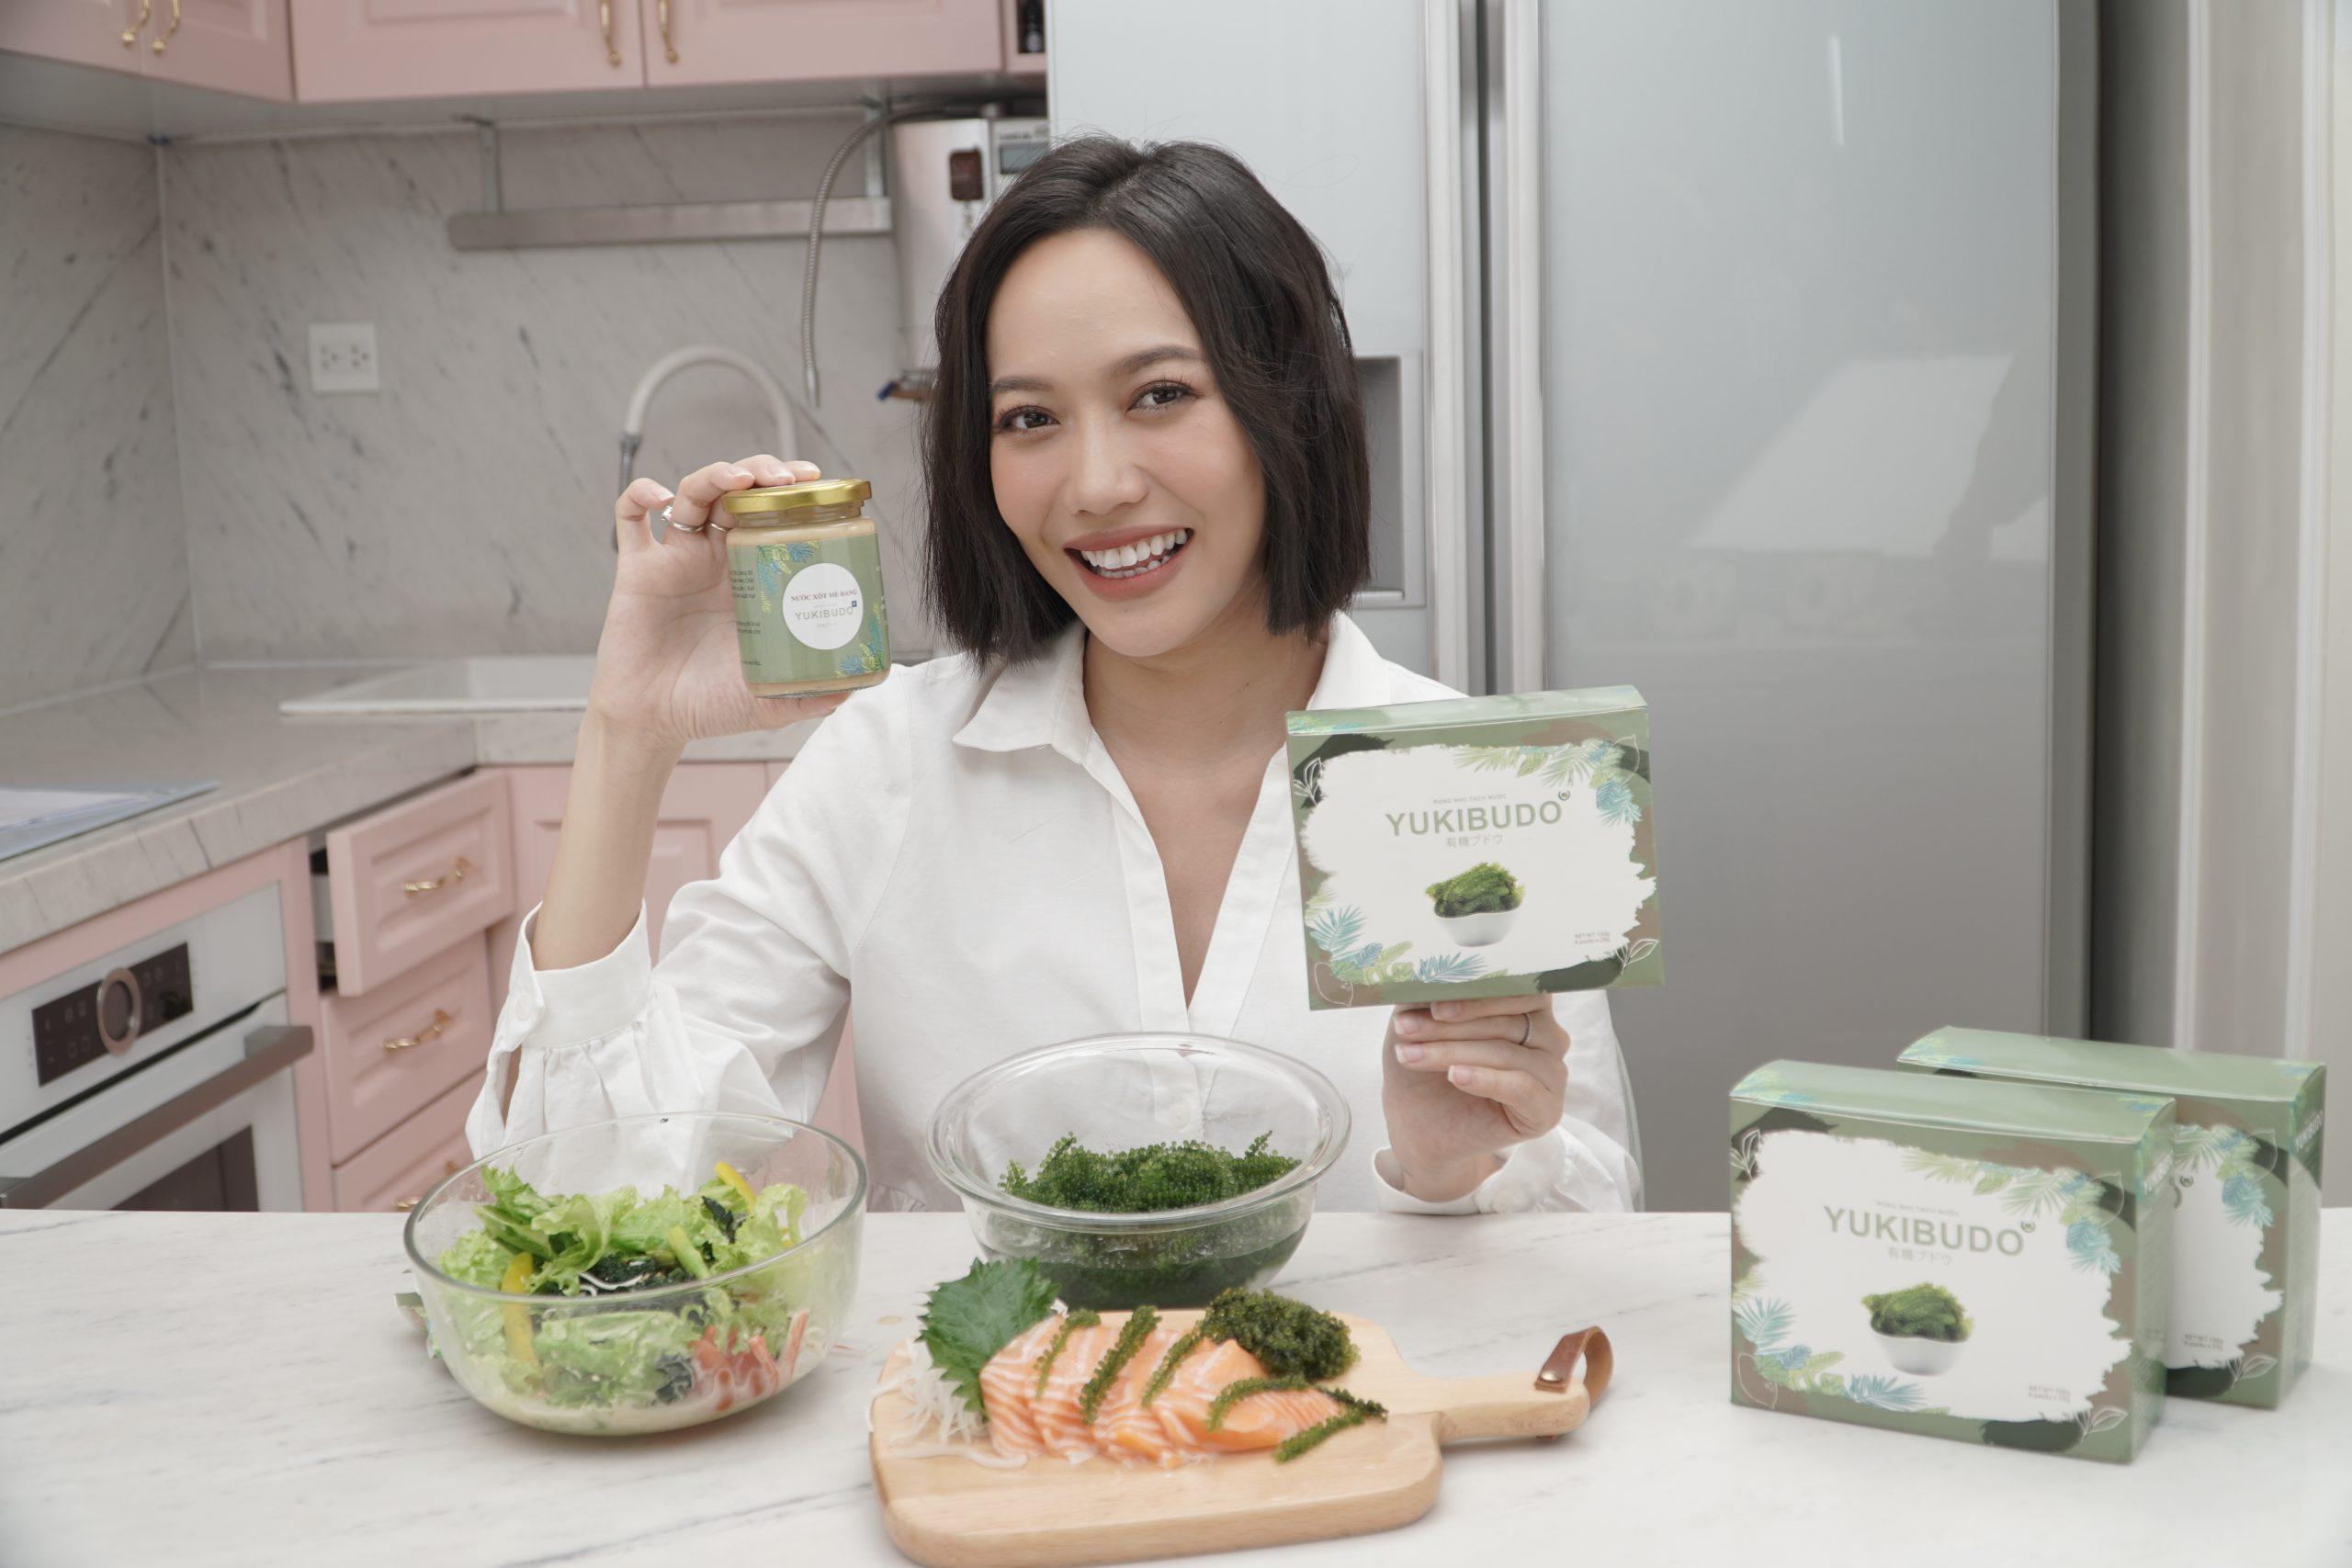 Diệu nhi rất thích ăn rong nho Yukibudo